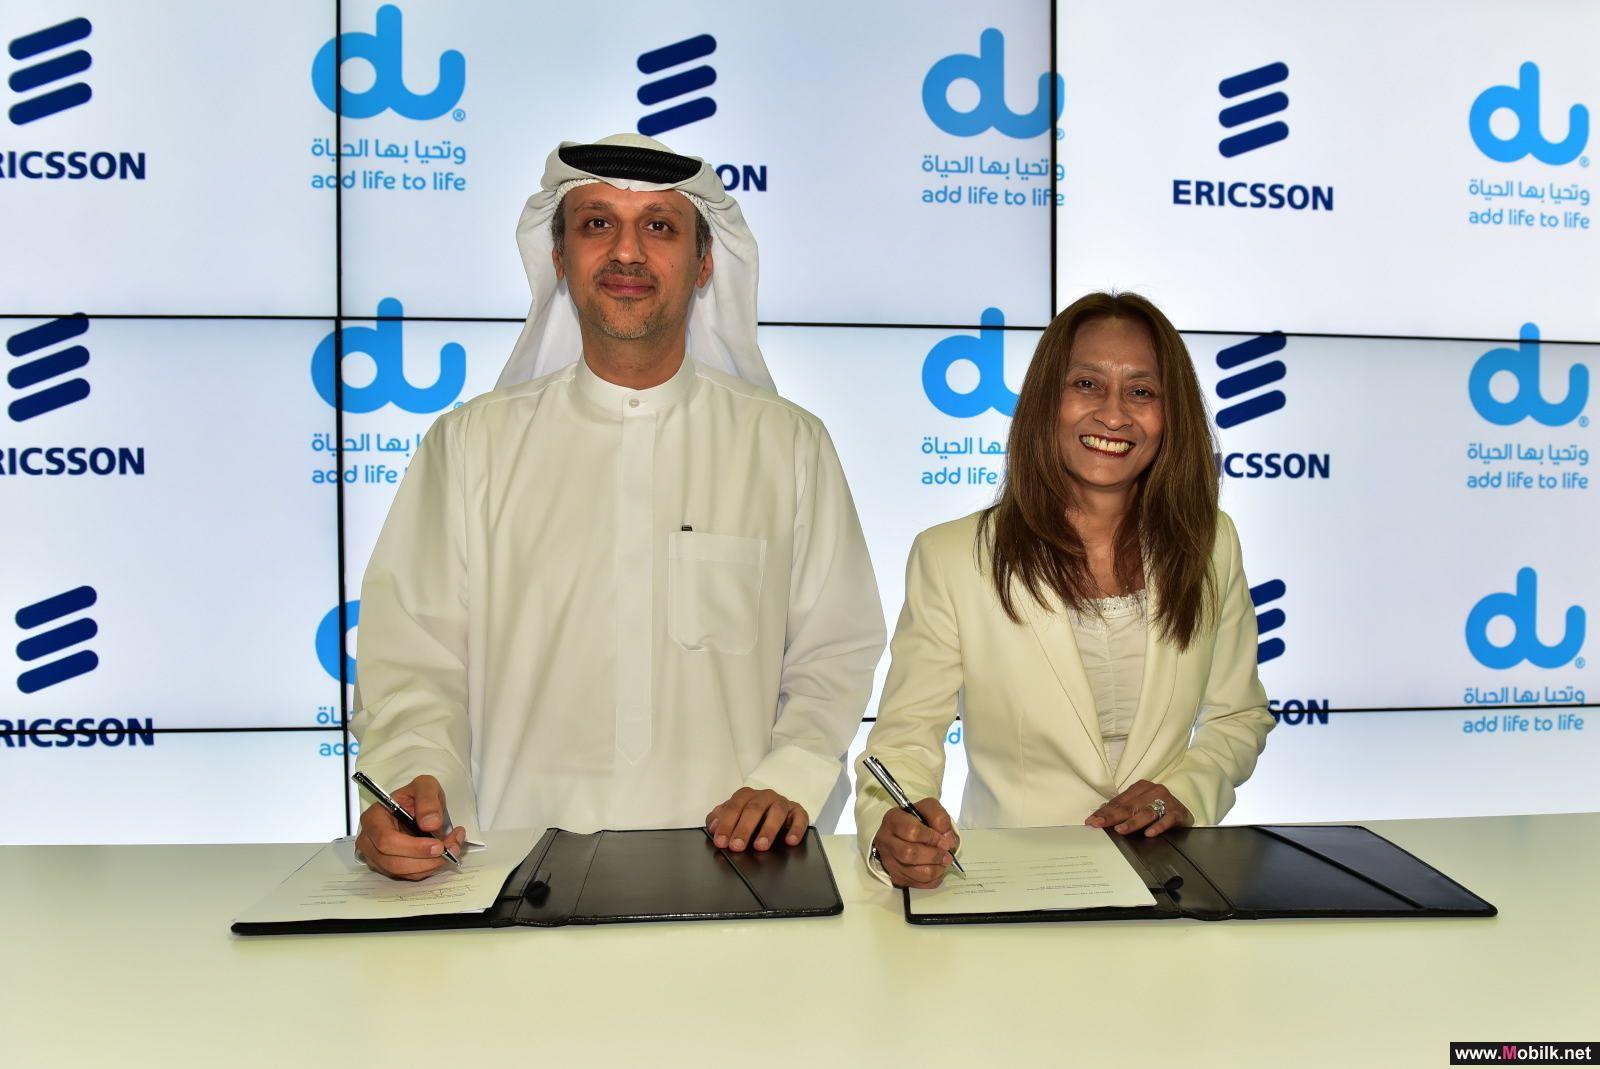 دو تتعاون مع إريكسون في مجال تعزيز تقنيات إنترنت الأشياء والخدمات السحابية